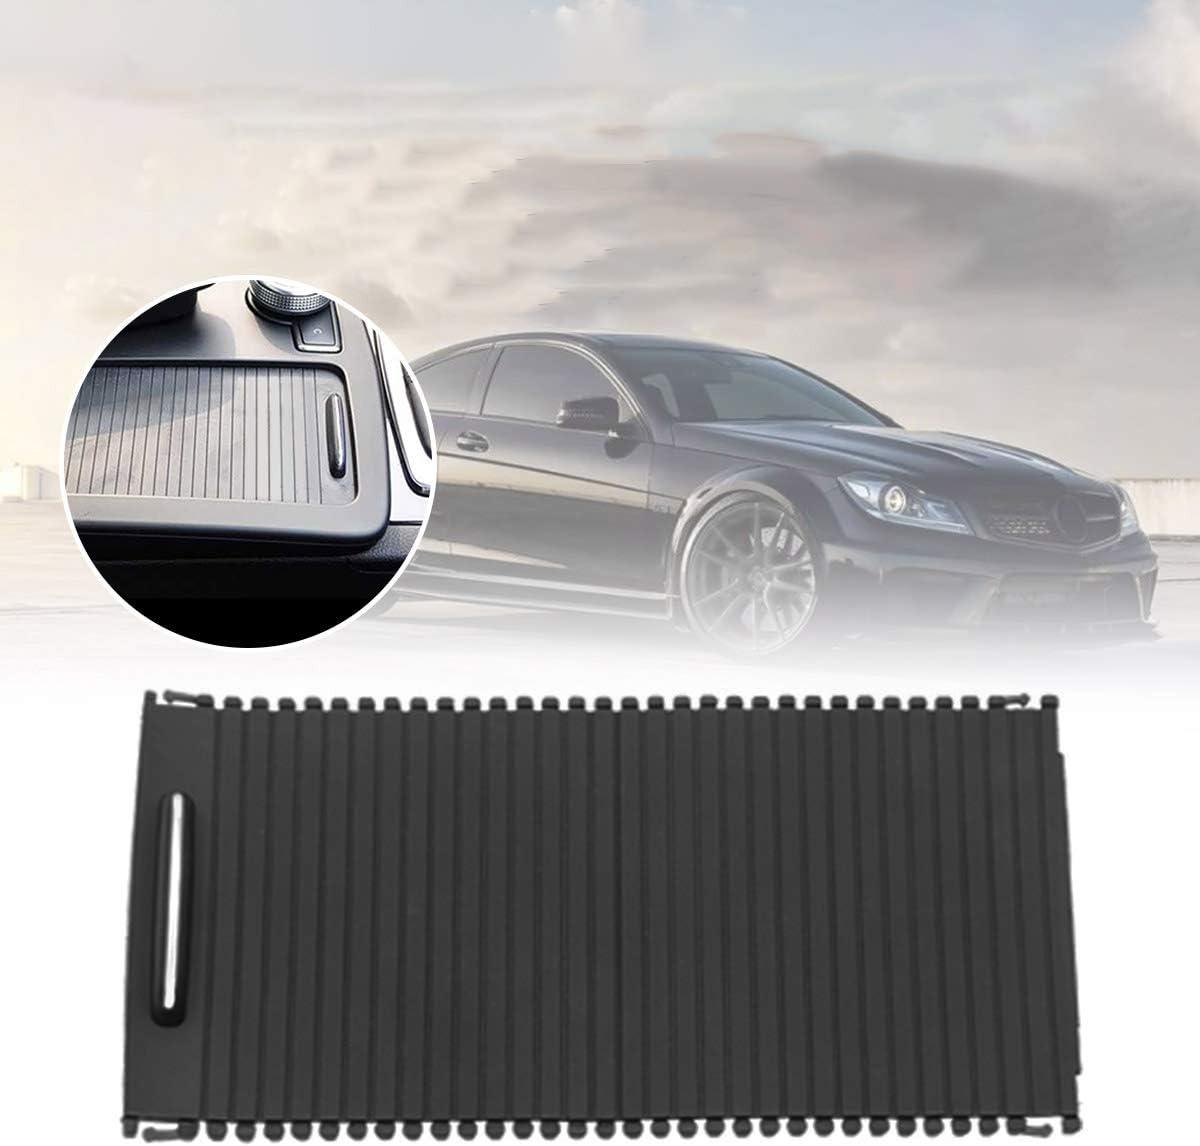 Luntus Car Coperchio Avvolgibile Interno Console Centrale Interna per Mercedes Classe C W204 S204 Classe e W212 S212 A20468076079051